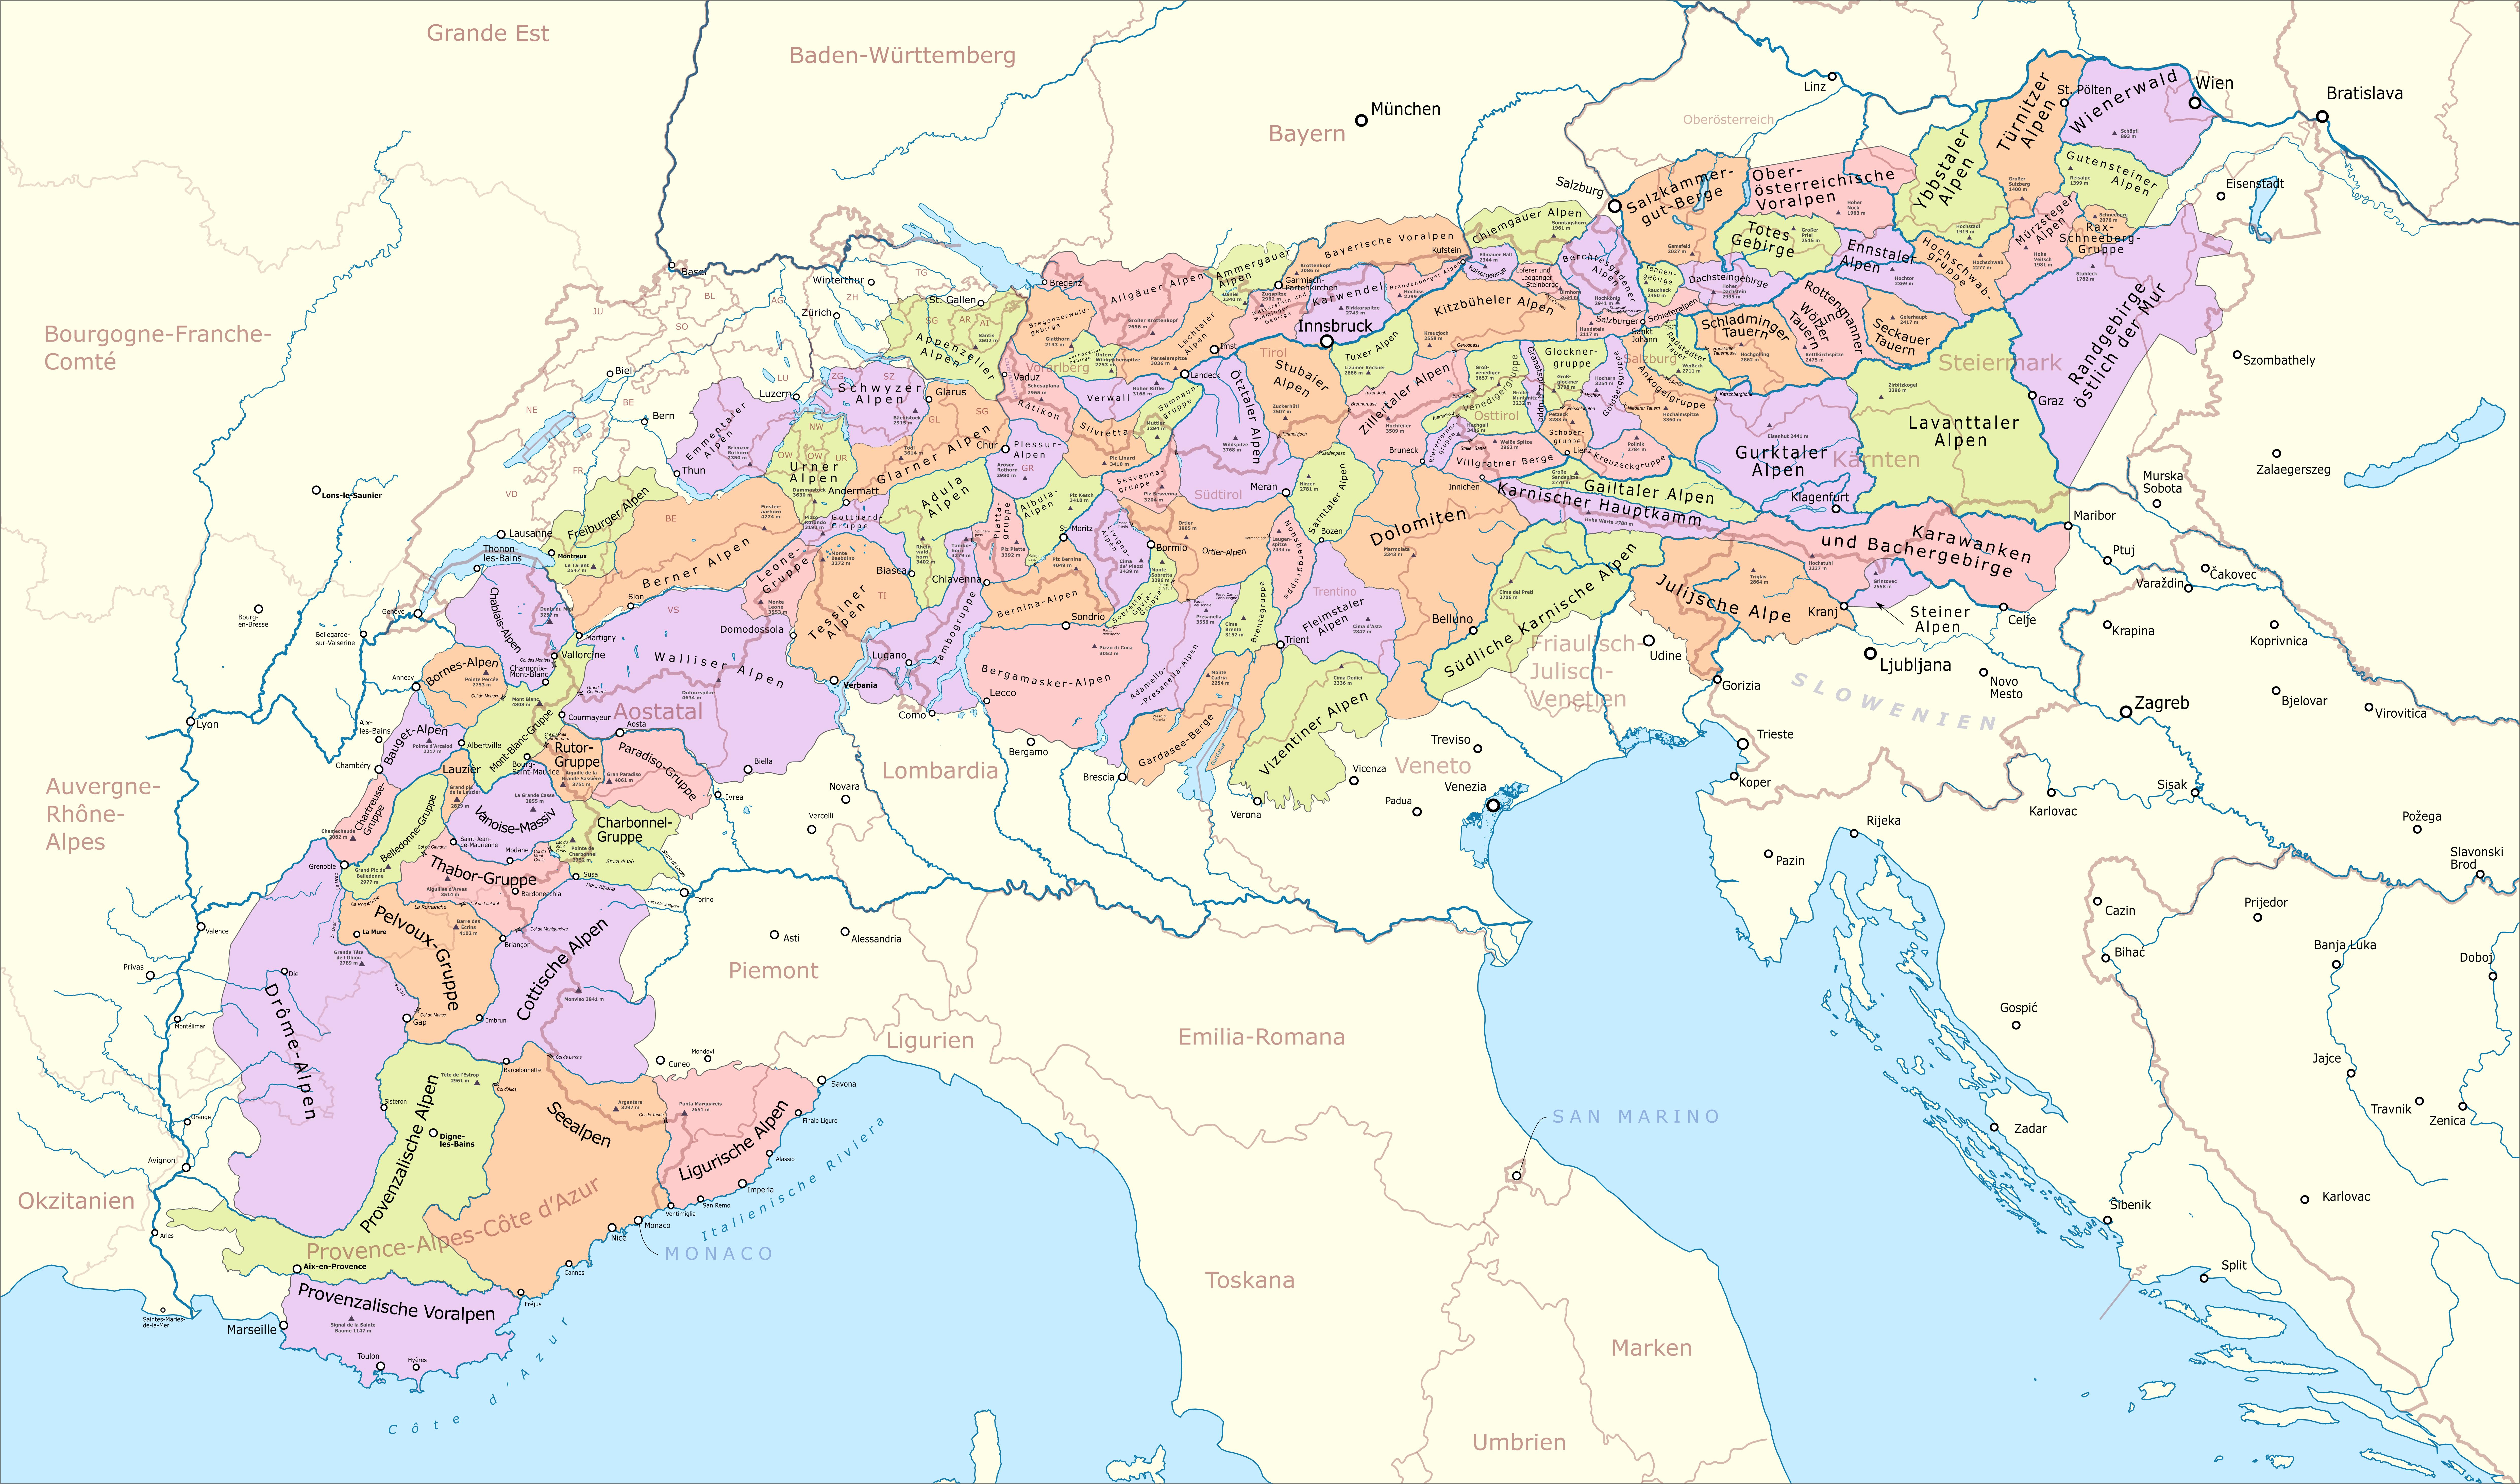 karte alpen File:Karte der Gebirgsgruppen in den Alpen.png   Wikimedia Commons